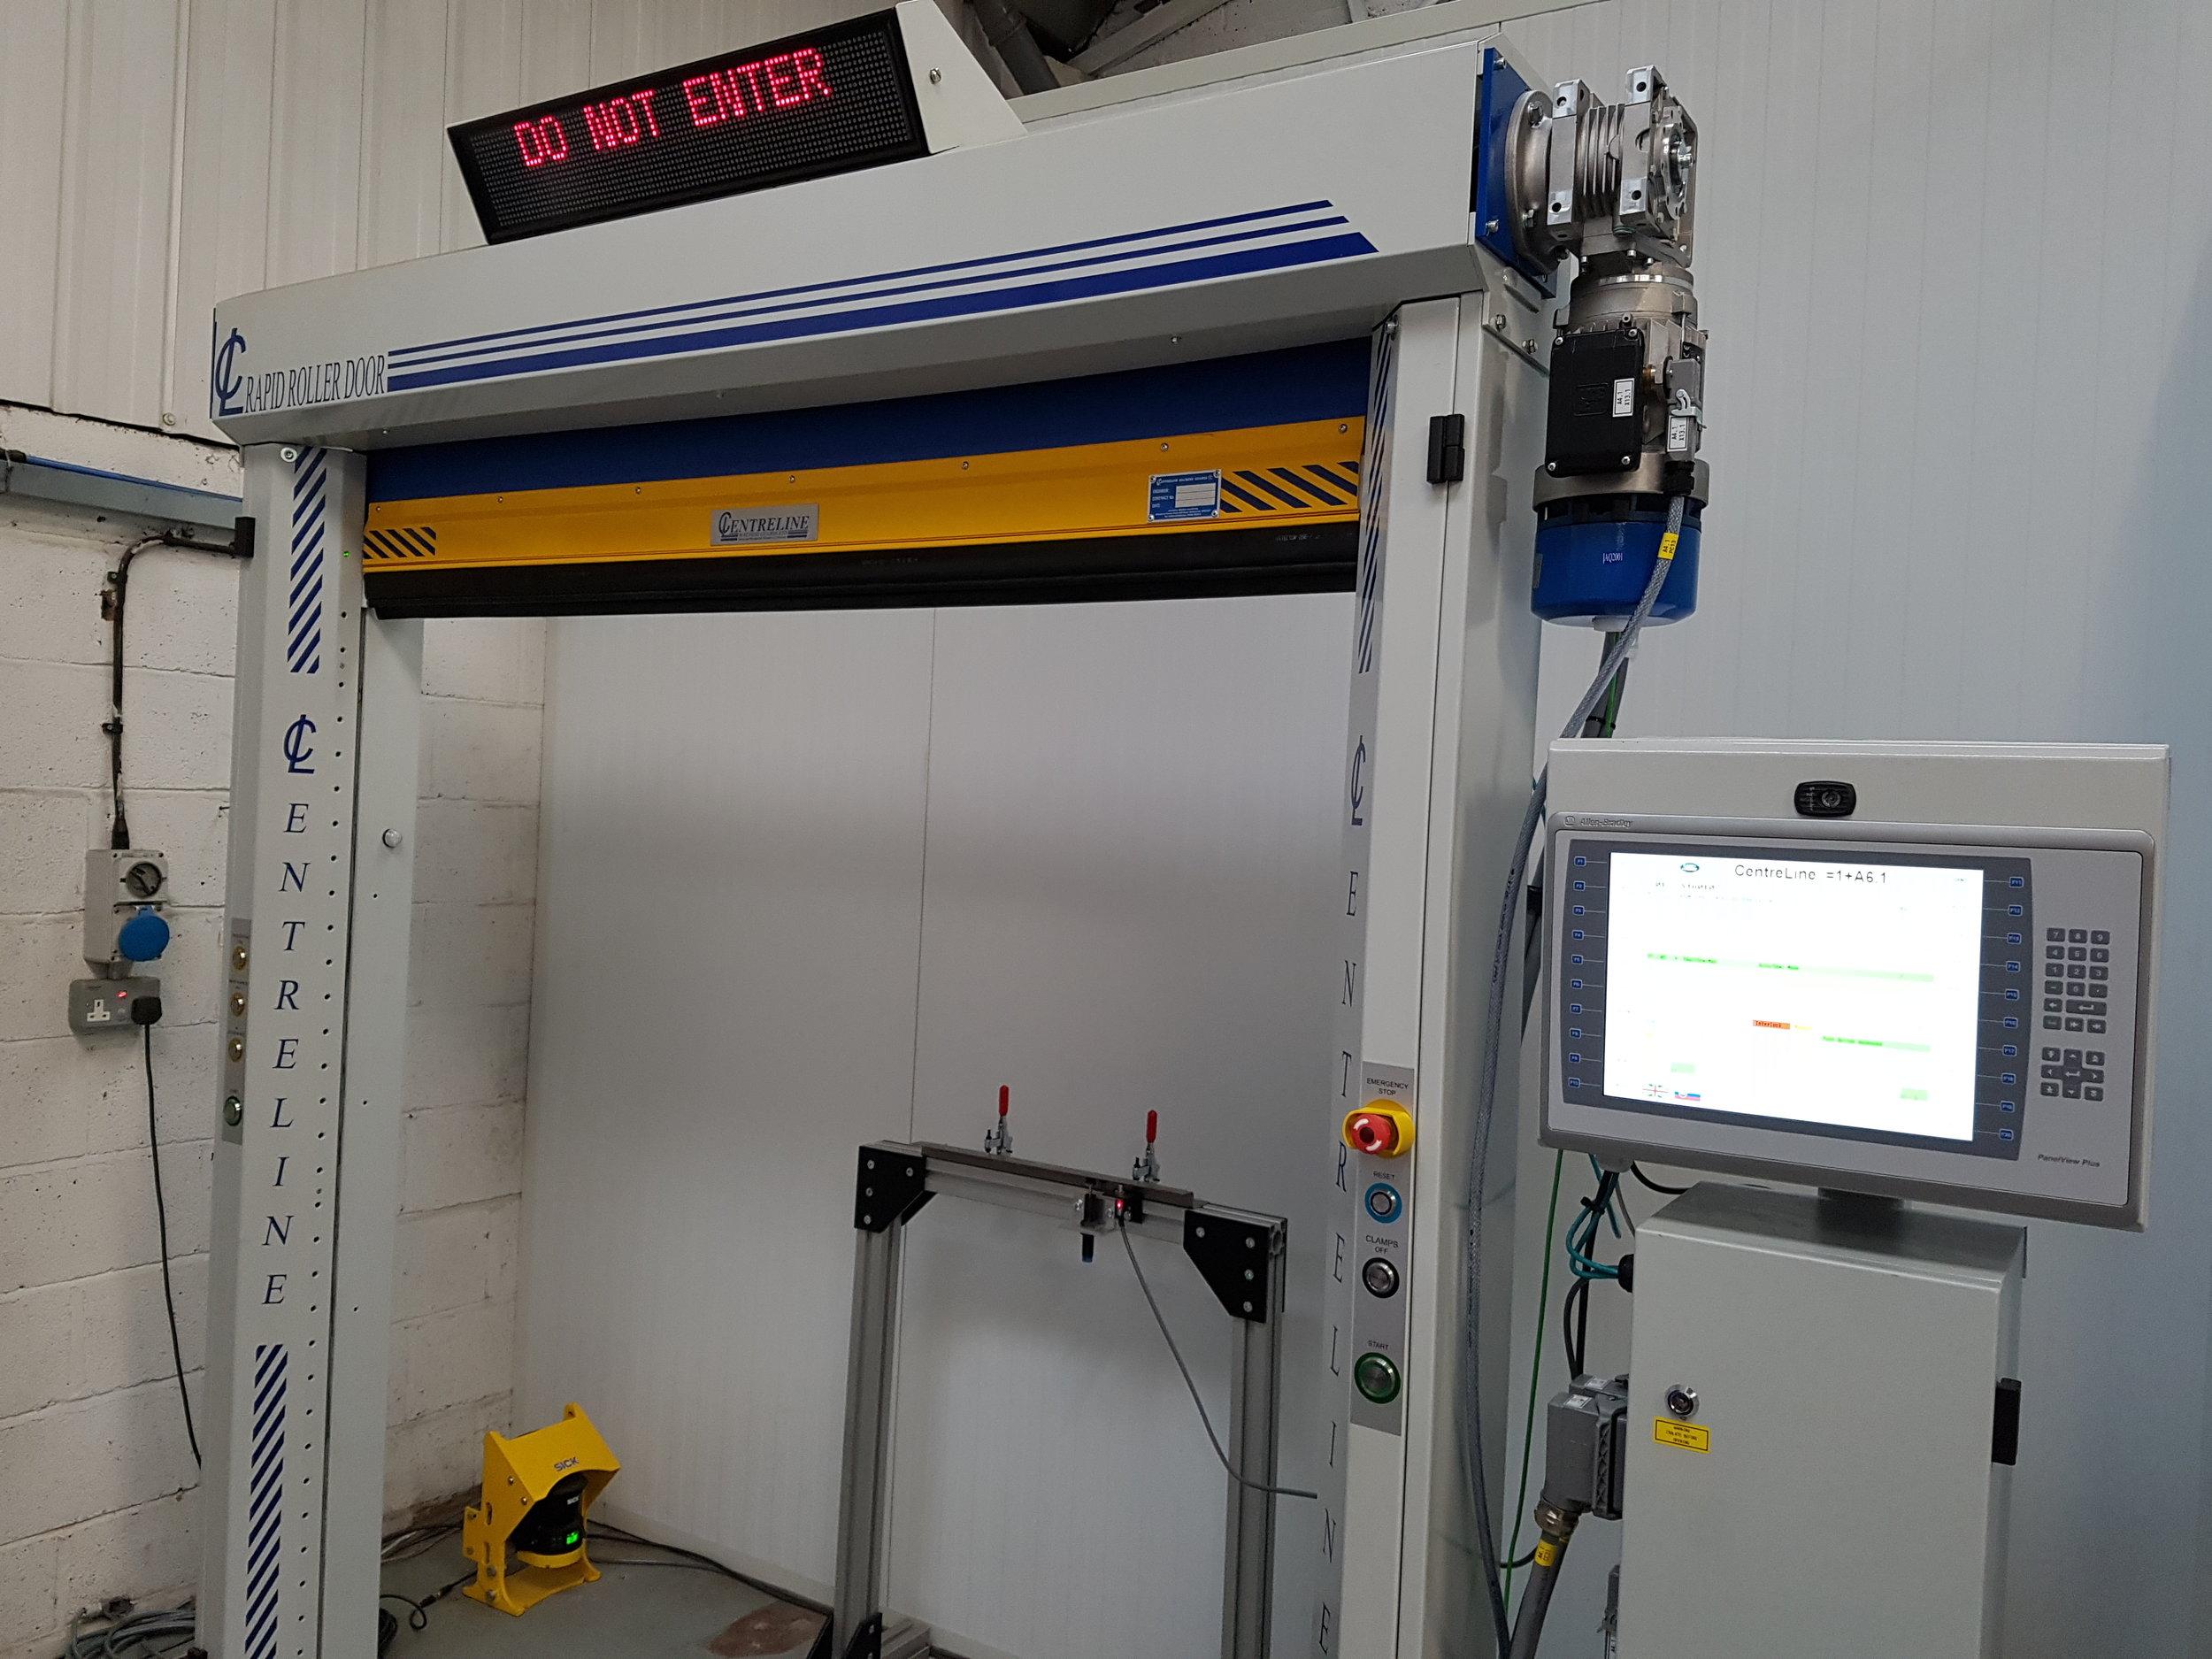 All New Ethernet Rapid Roller Door